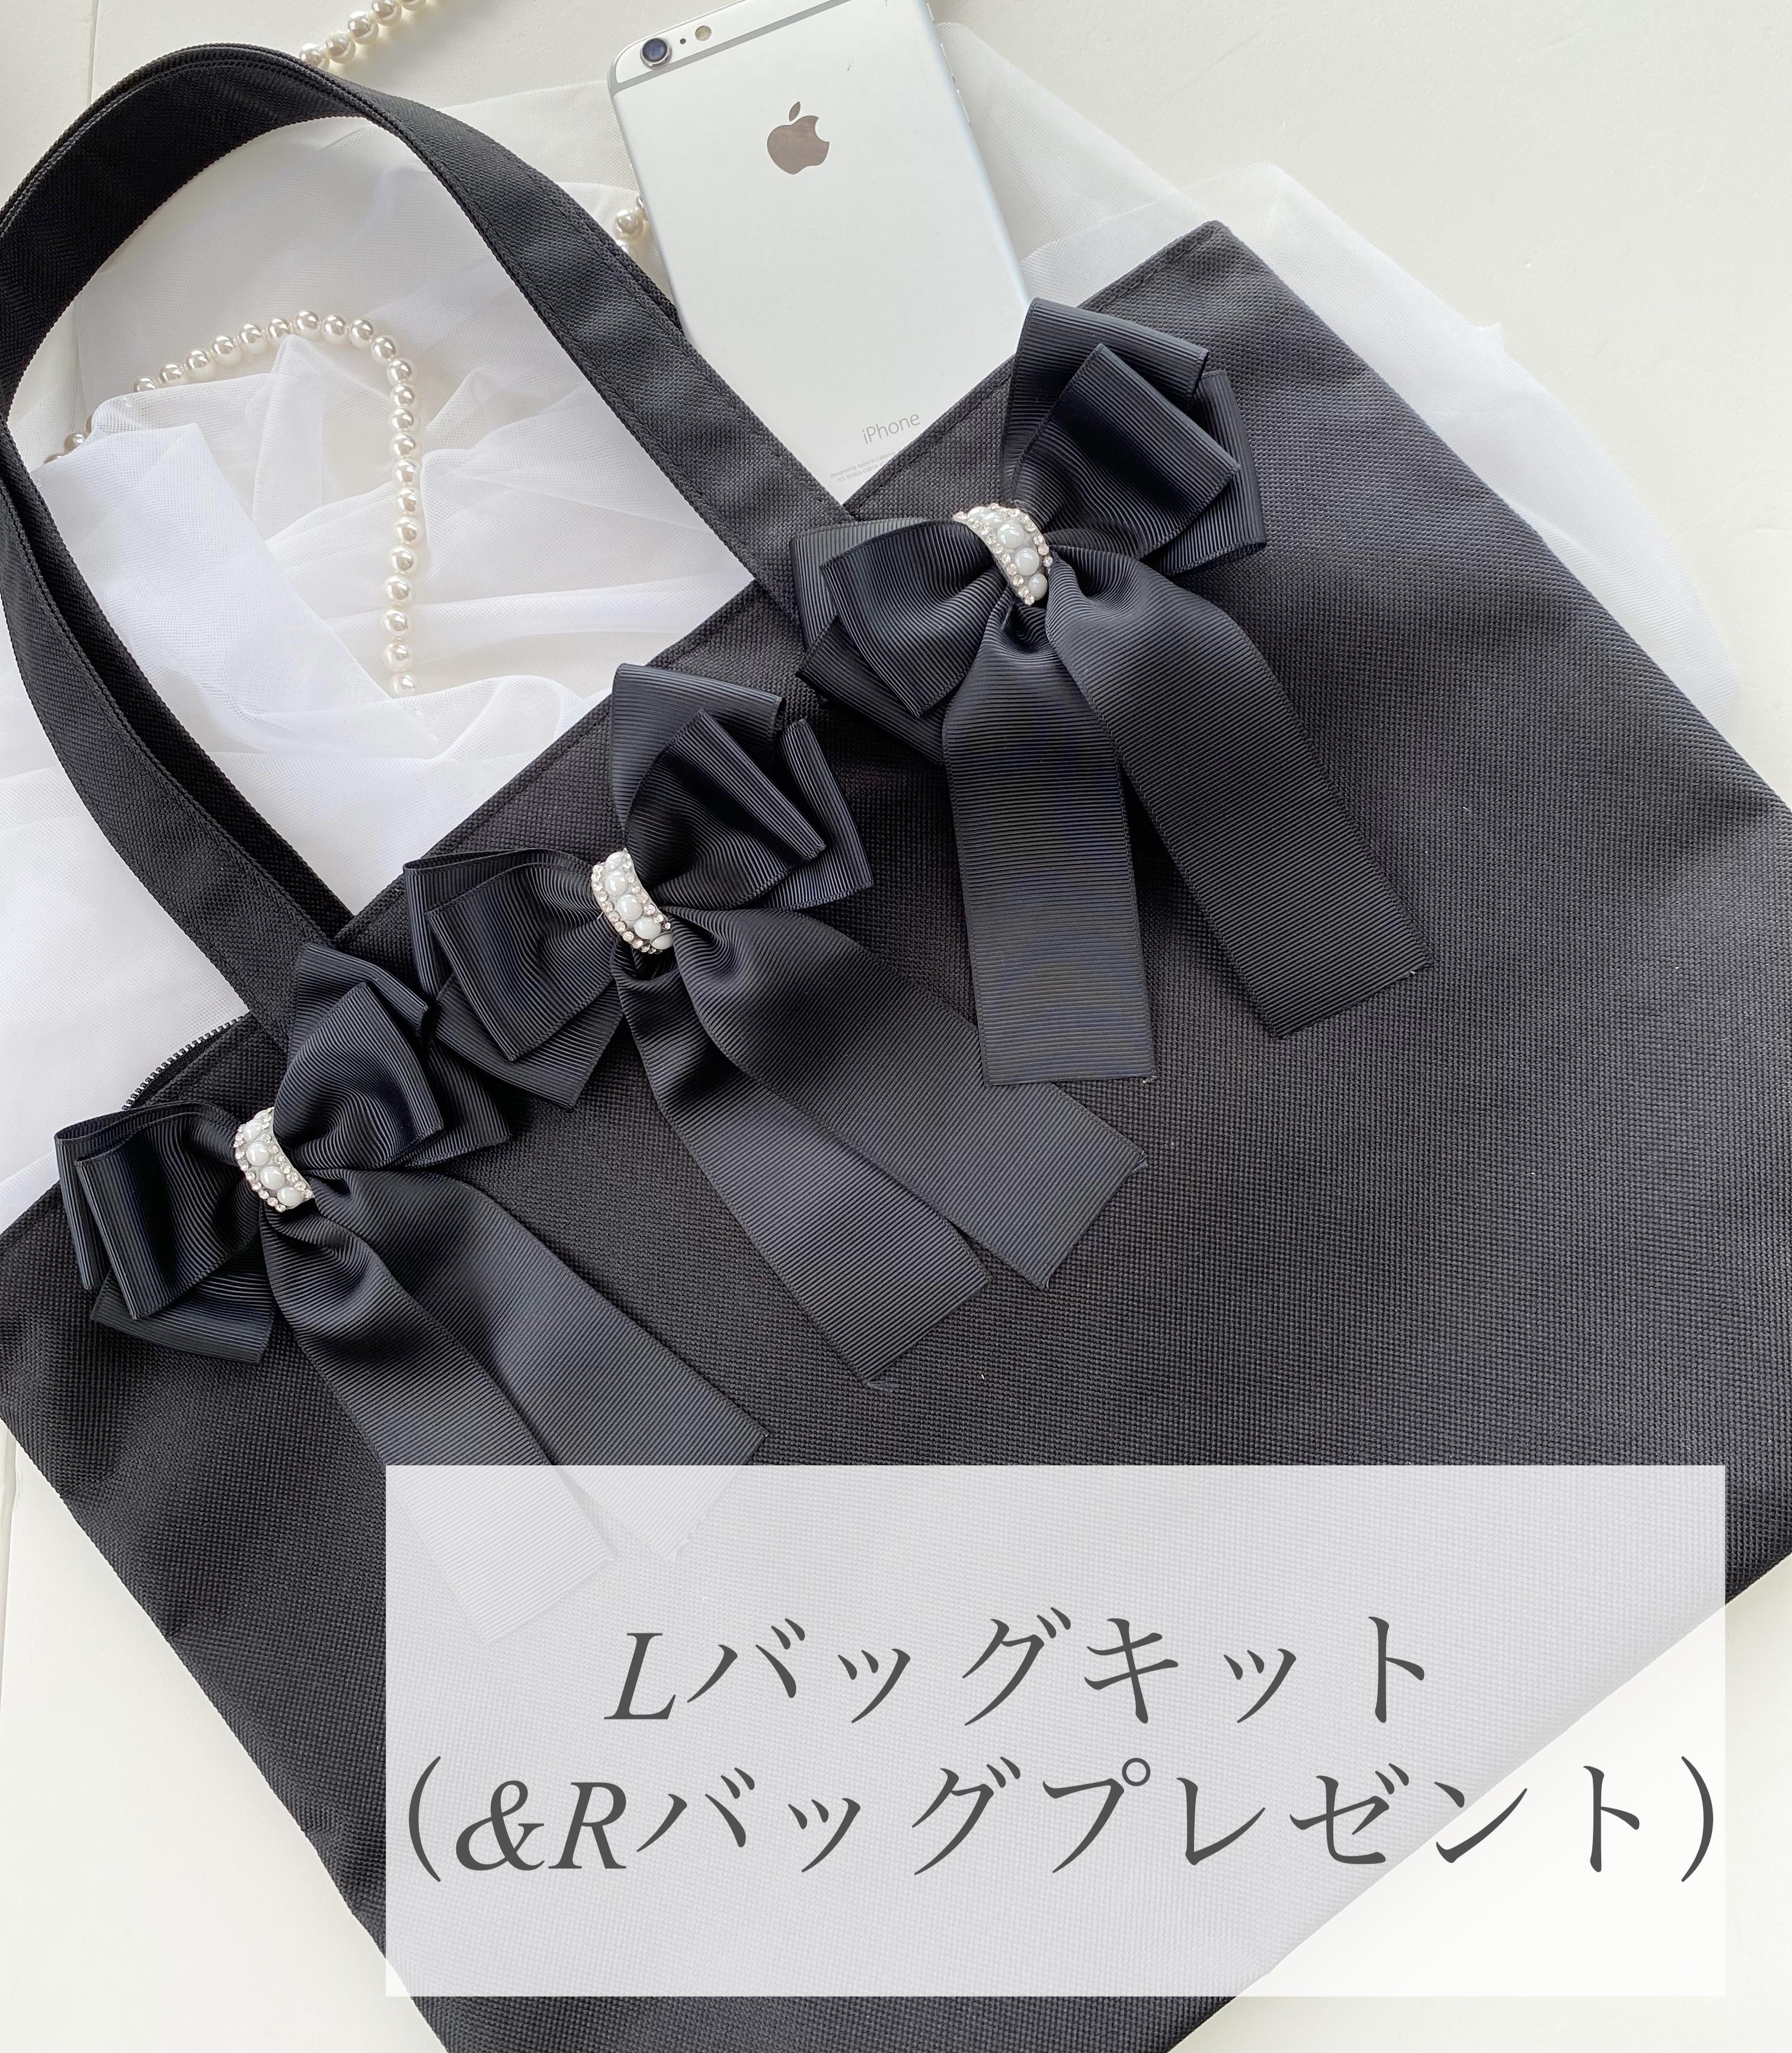 ⑰Pave ribbon ensemble Lバッグ+&Rバッグ 通信キット